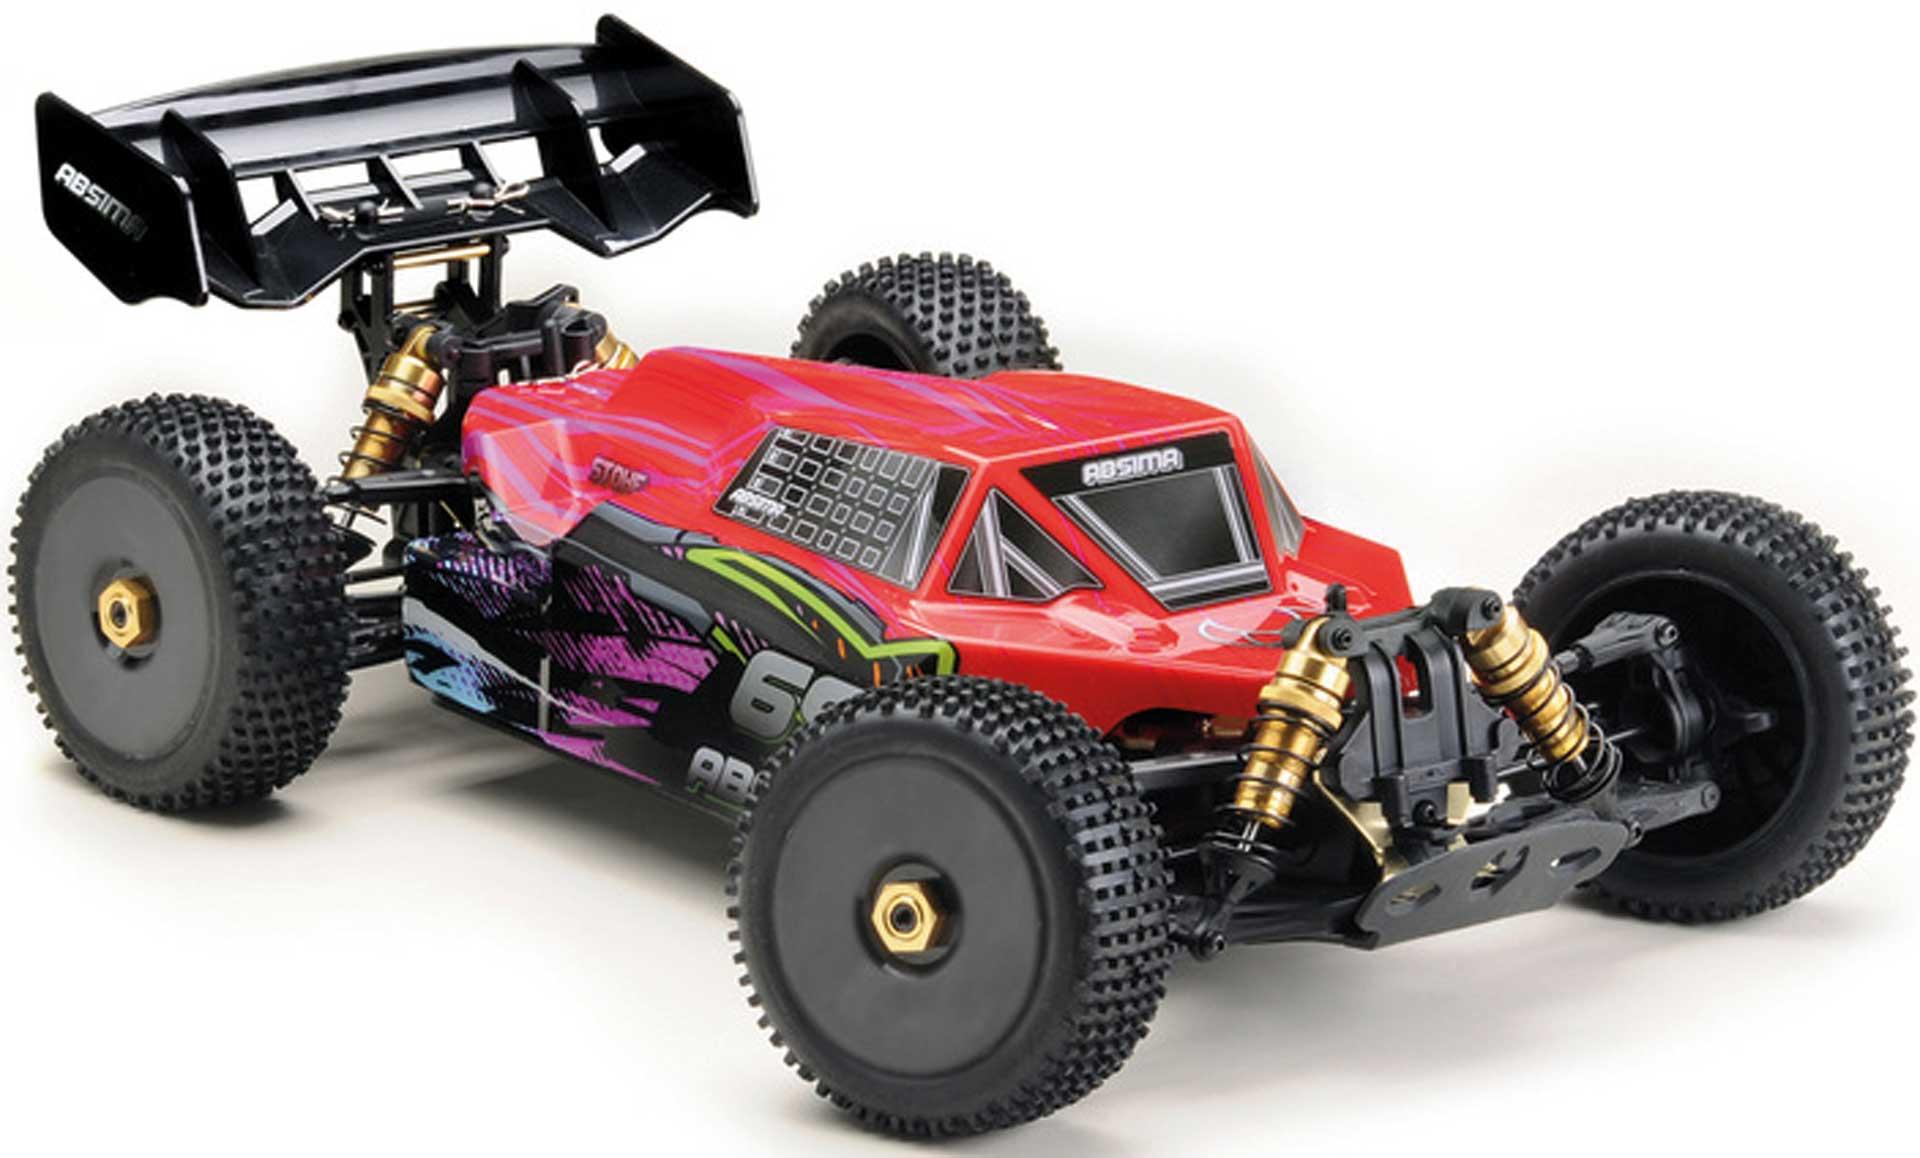 ABSIMA Stoke Gen2.1 6S 1/8 Buggy RTR